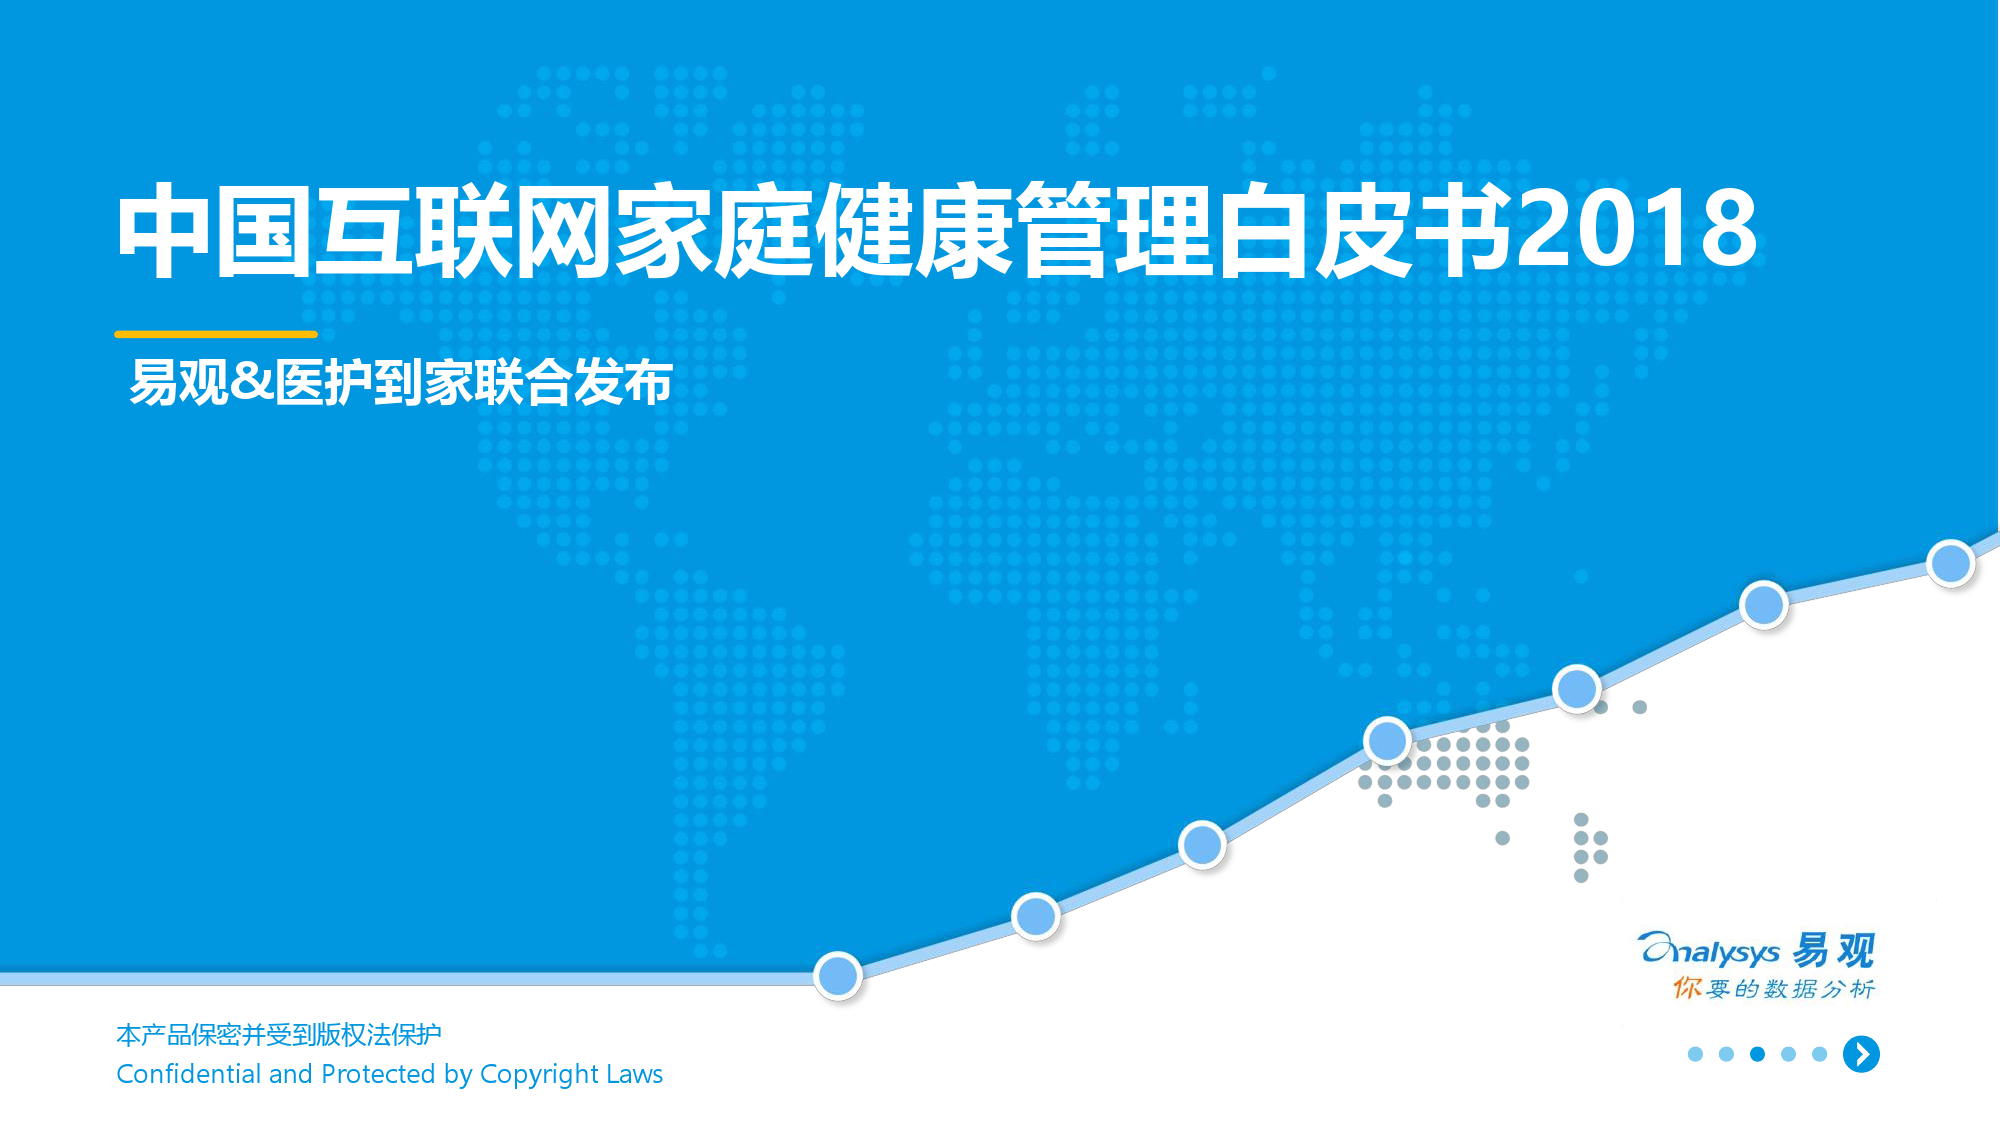 易观:2018中国互联网家庭健康管理白皮书(附下载)